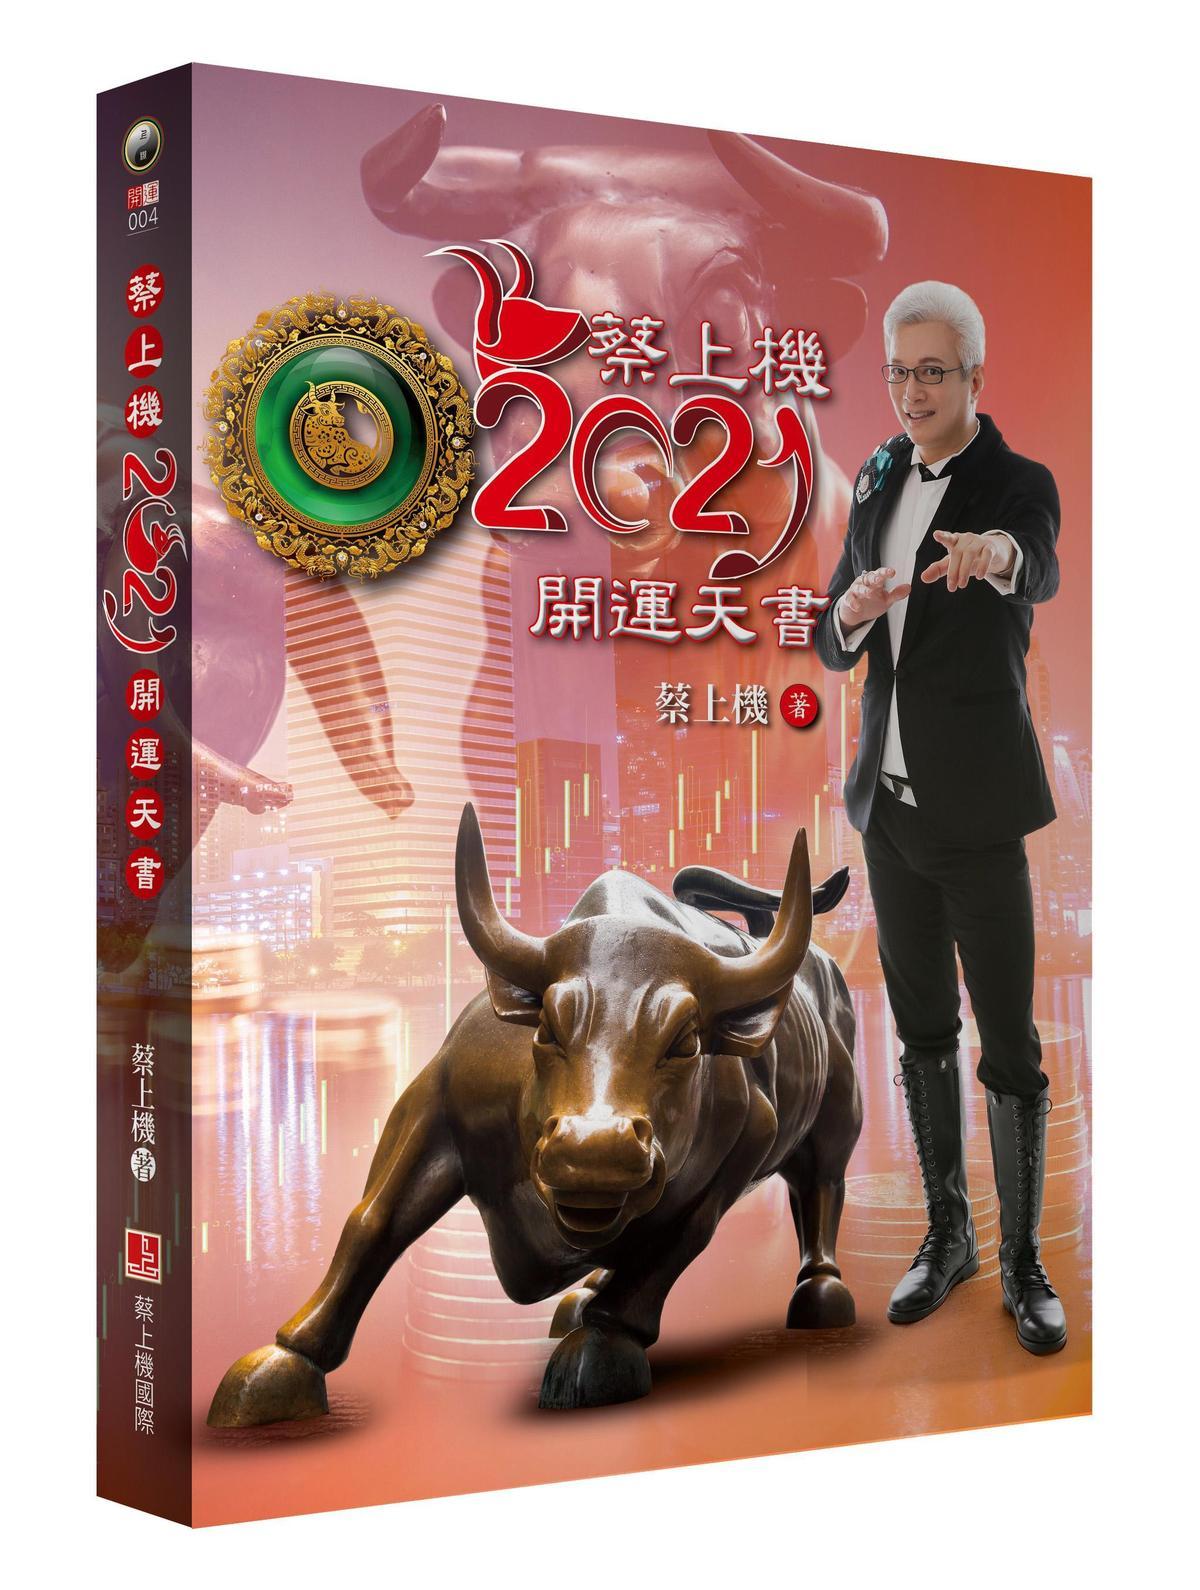 中國易經哲學研究發展協會創會理事長蔡上機,是《命運好好玩》《全民星攻略》等節目的固定來賓,最新著作為《蔡上機2021開運天書》。(蔡上機提供)